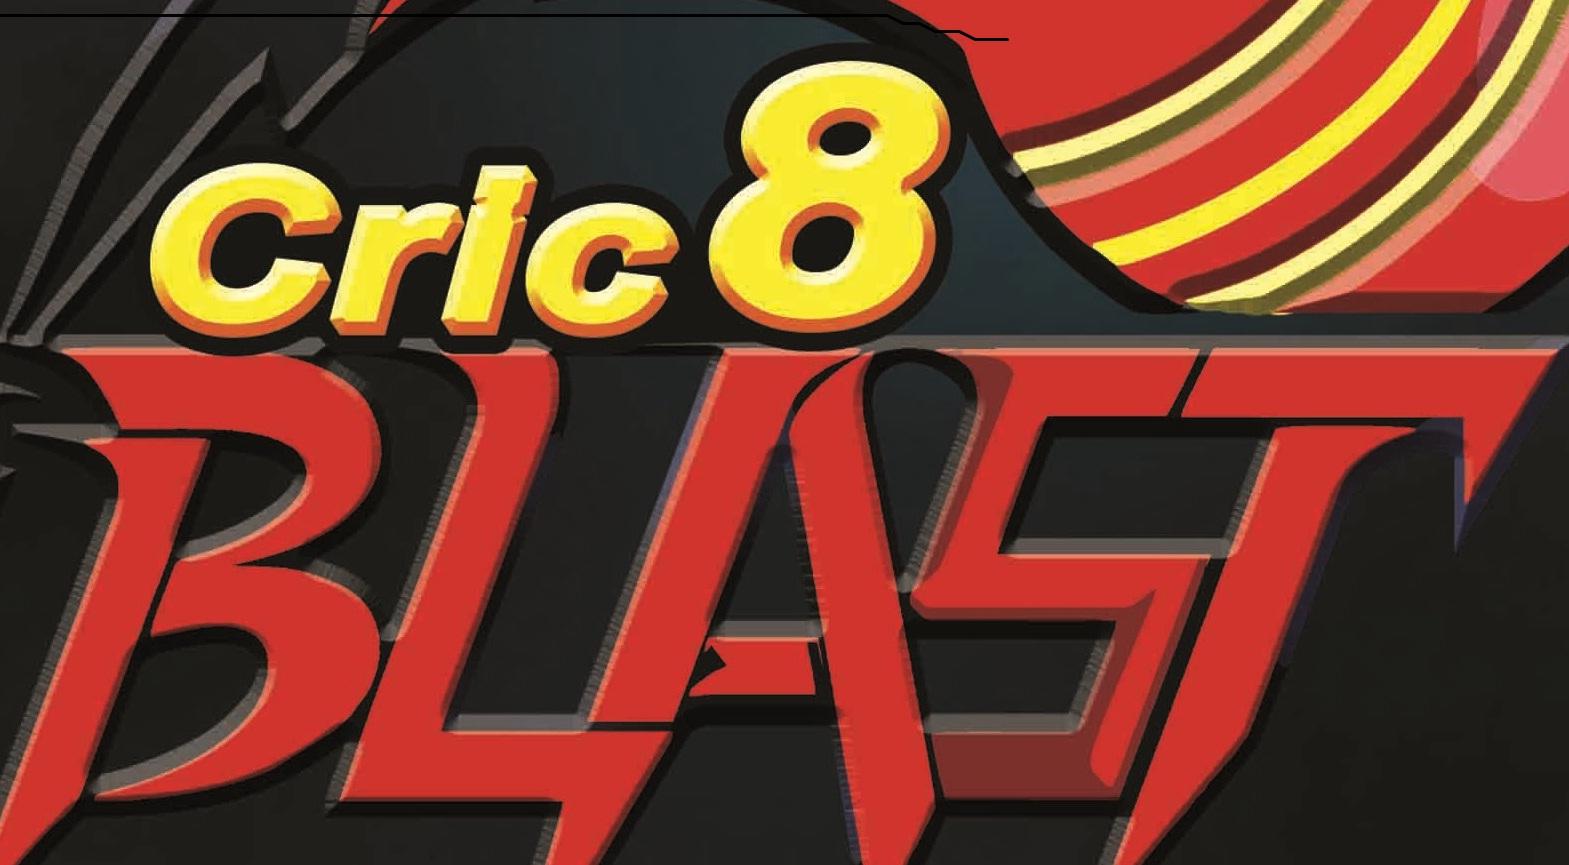 Cric8 Blast